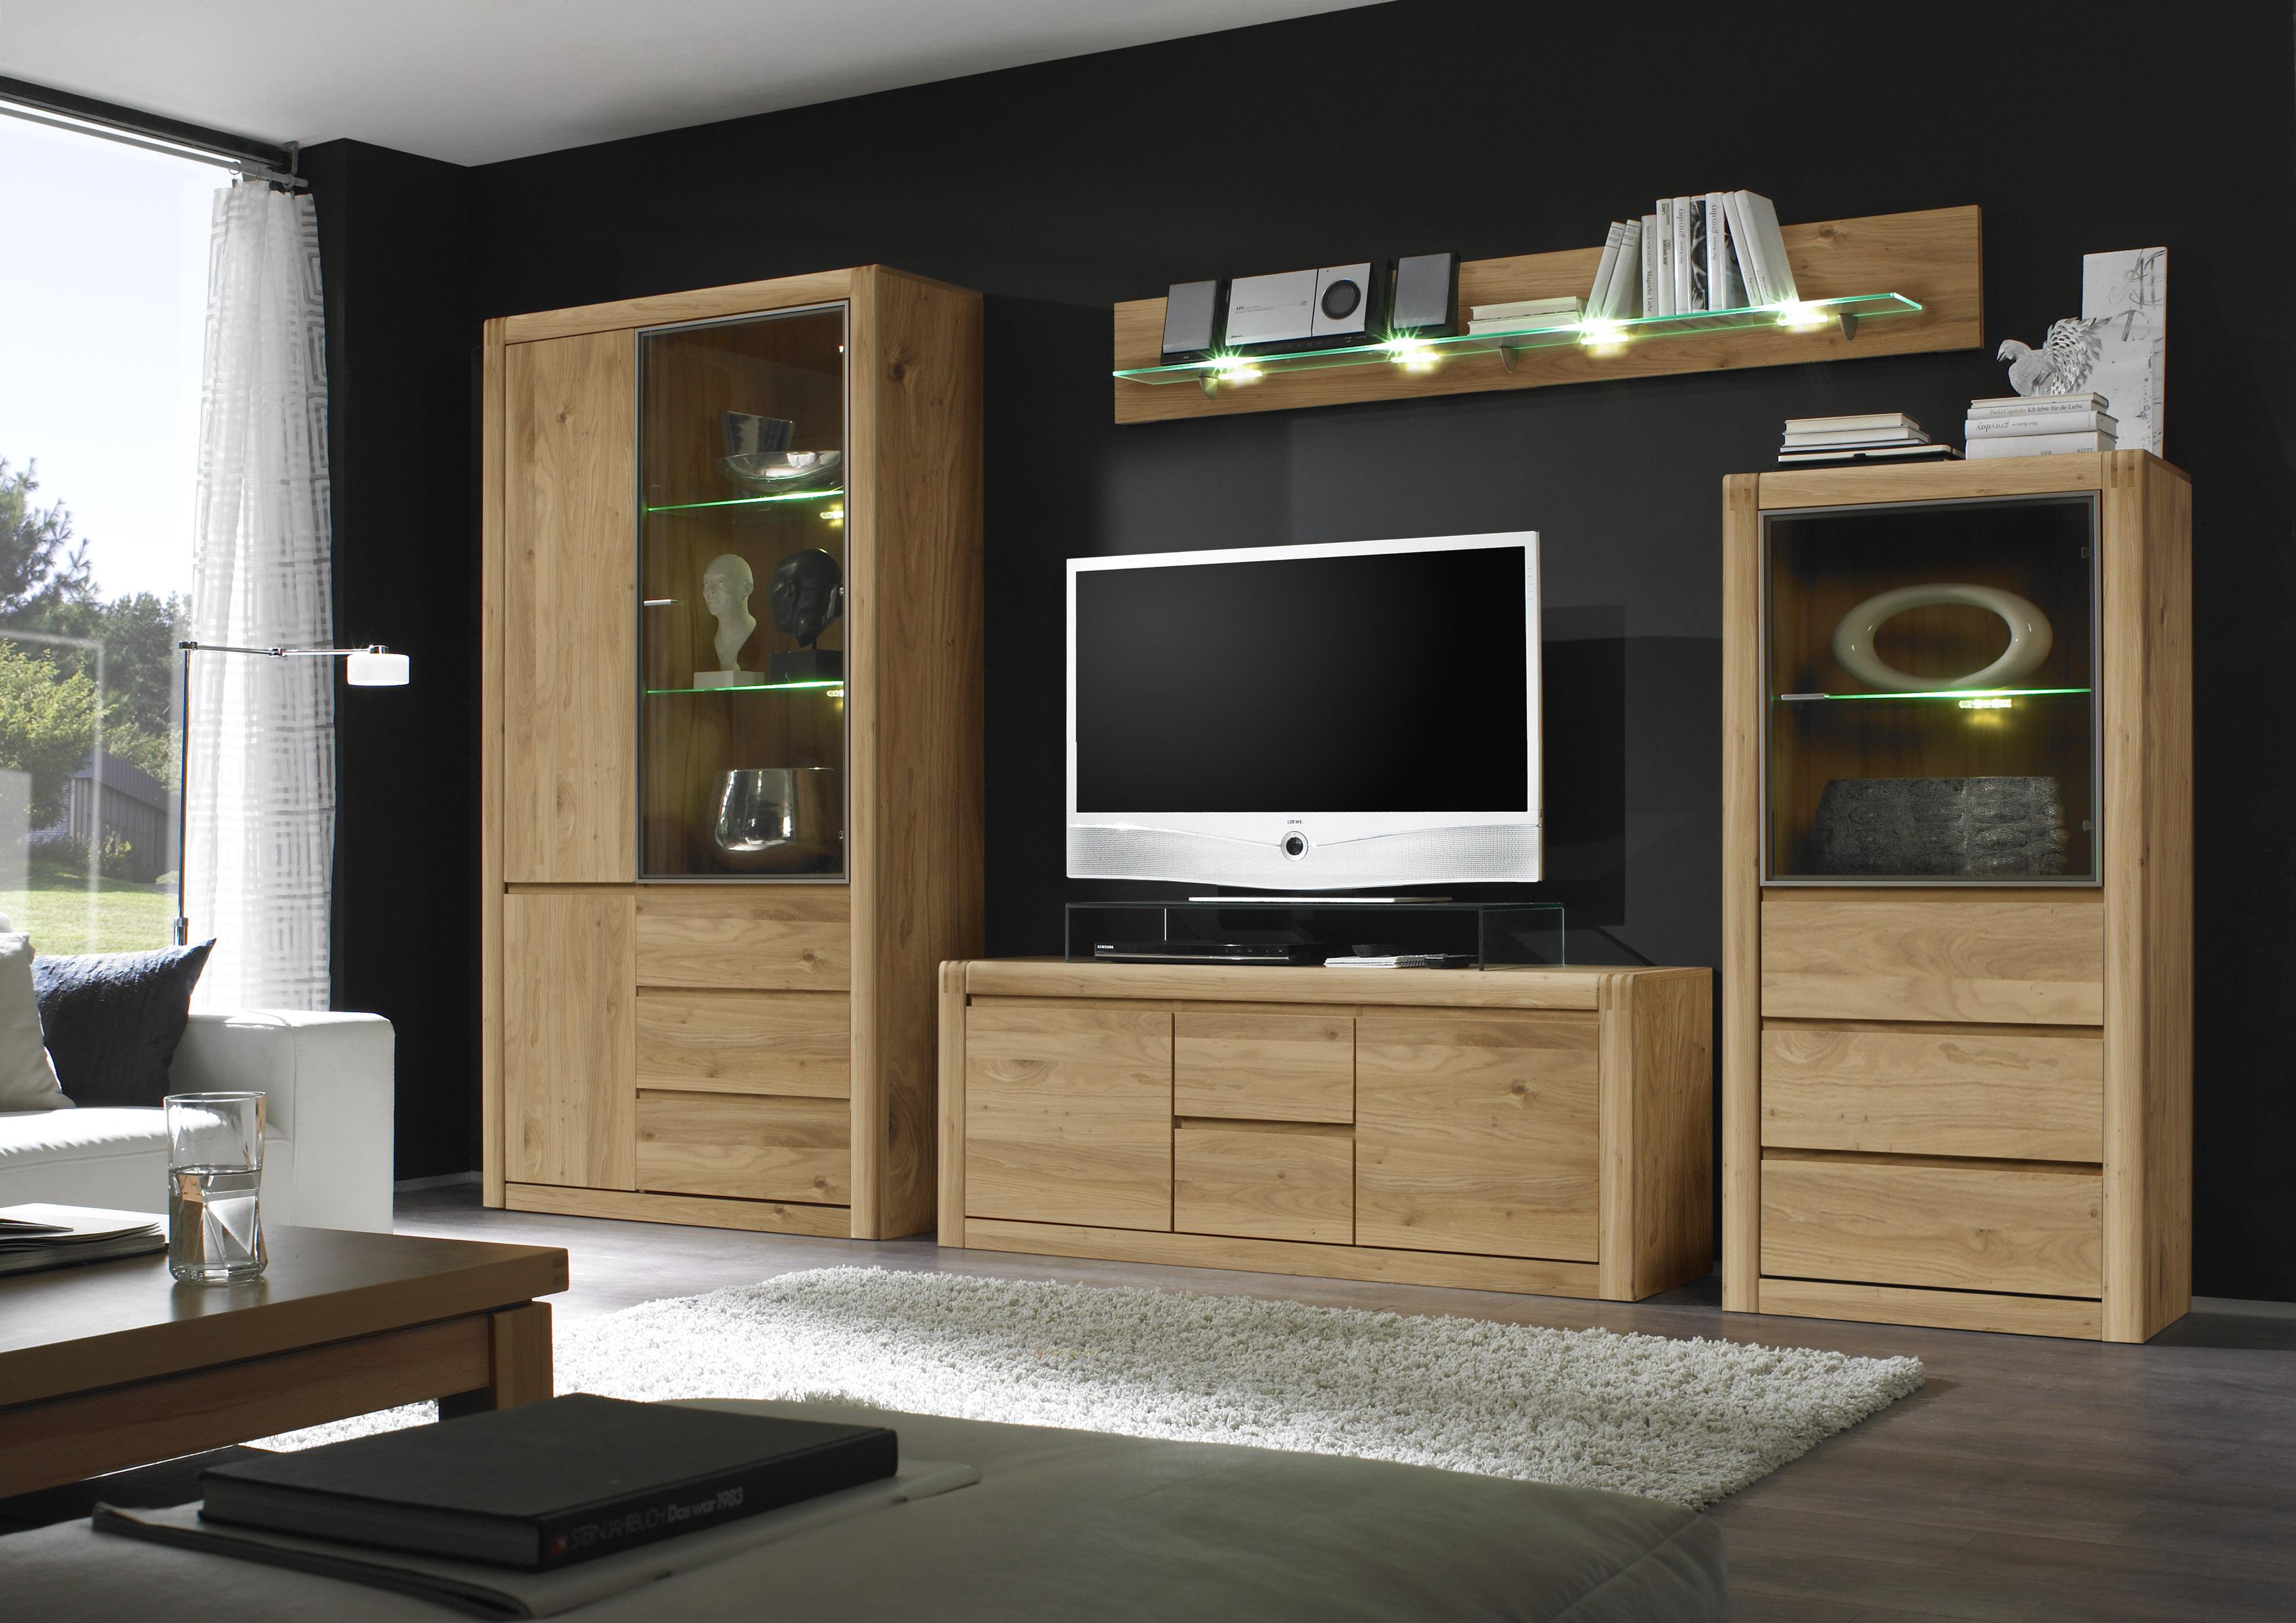 Kerkhoff wohnwand ponto iii eiche bianco oder kernbuche for Wohnzimmerschrank modern wohnzimmer